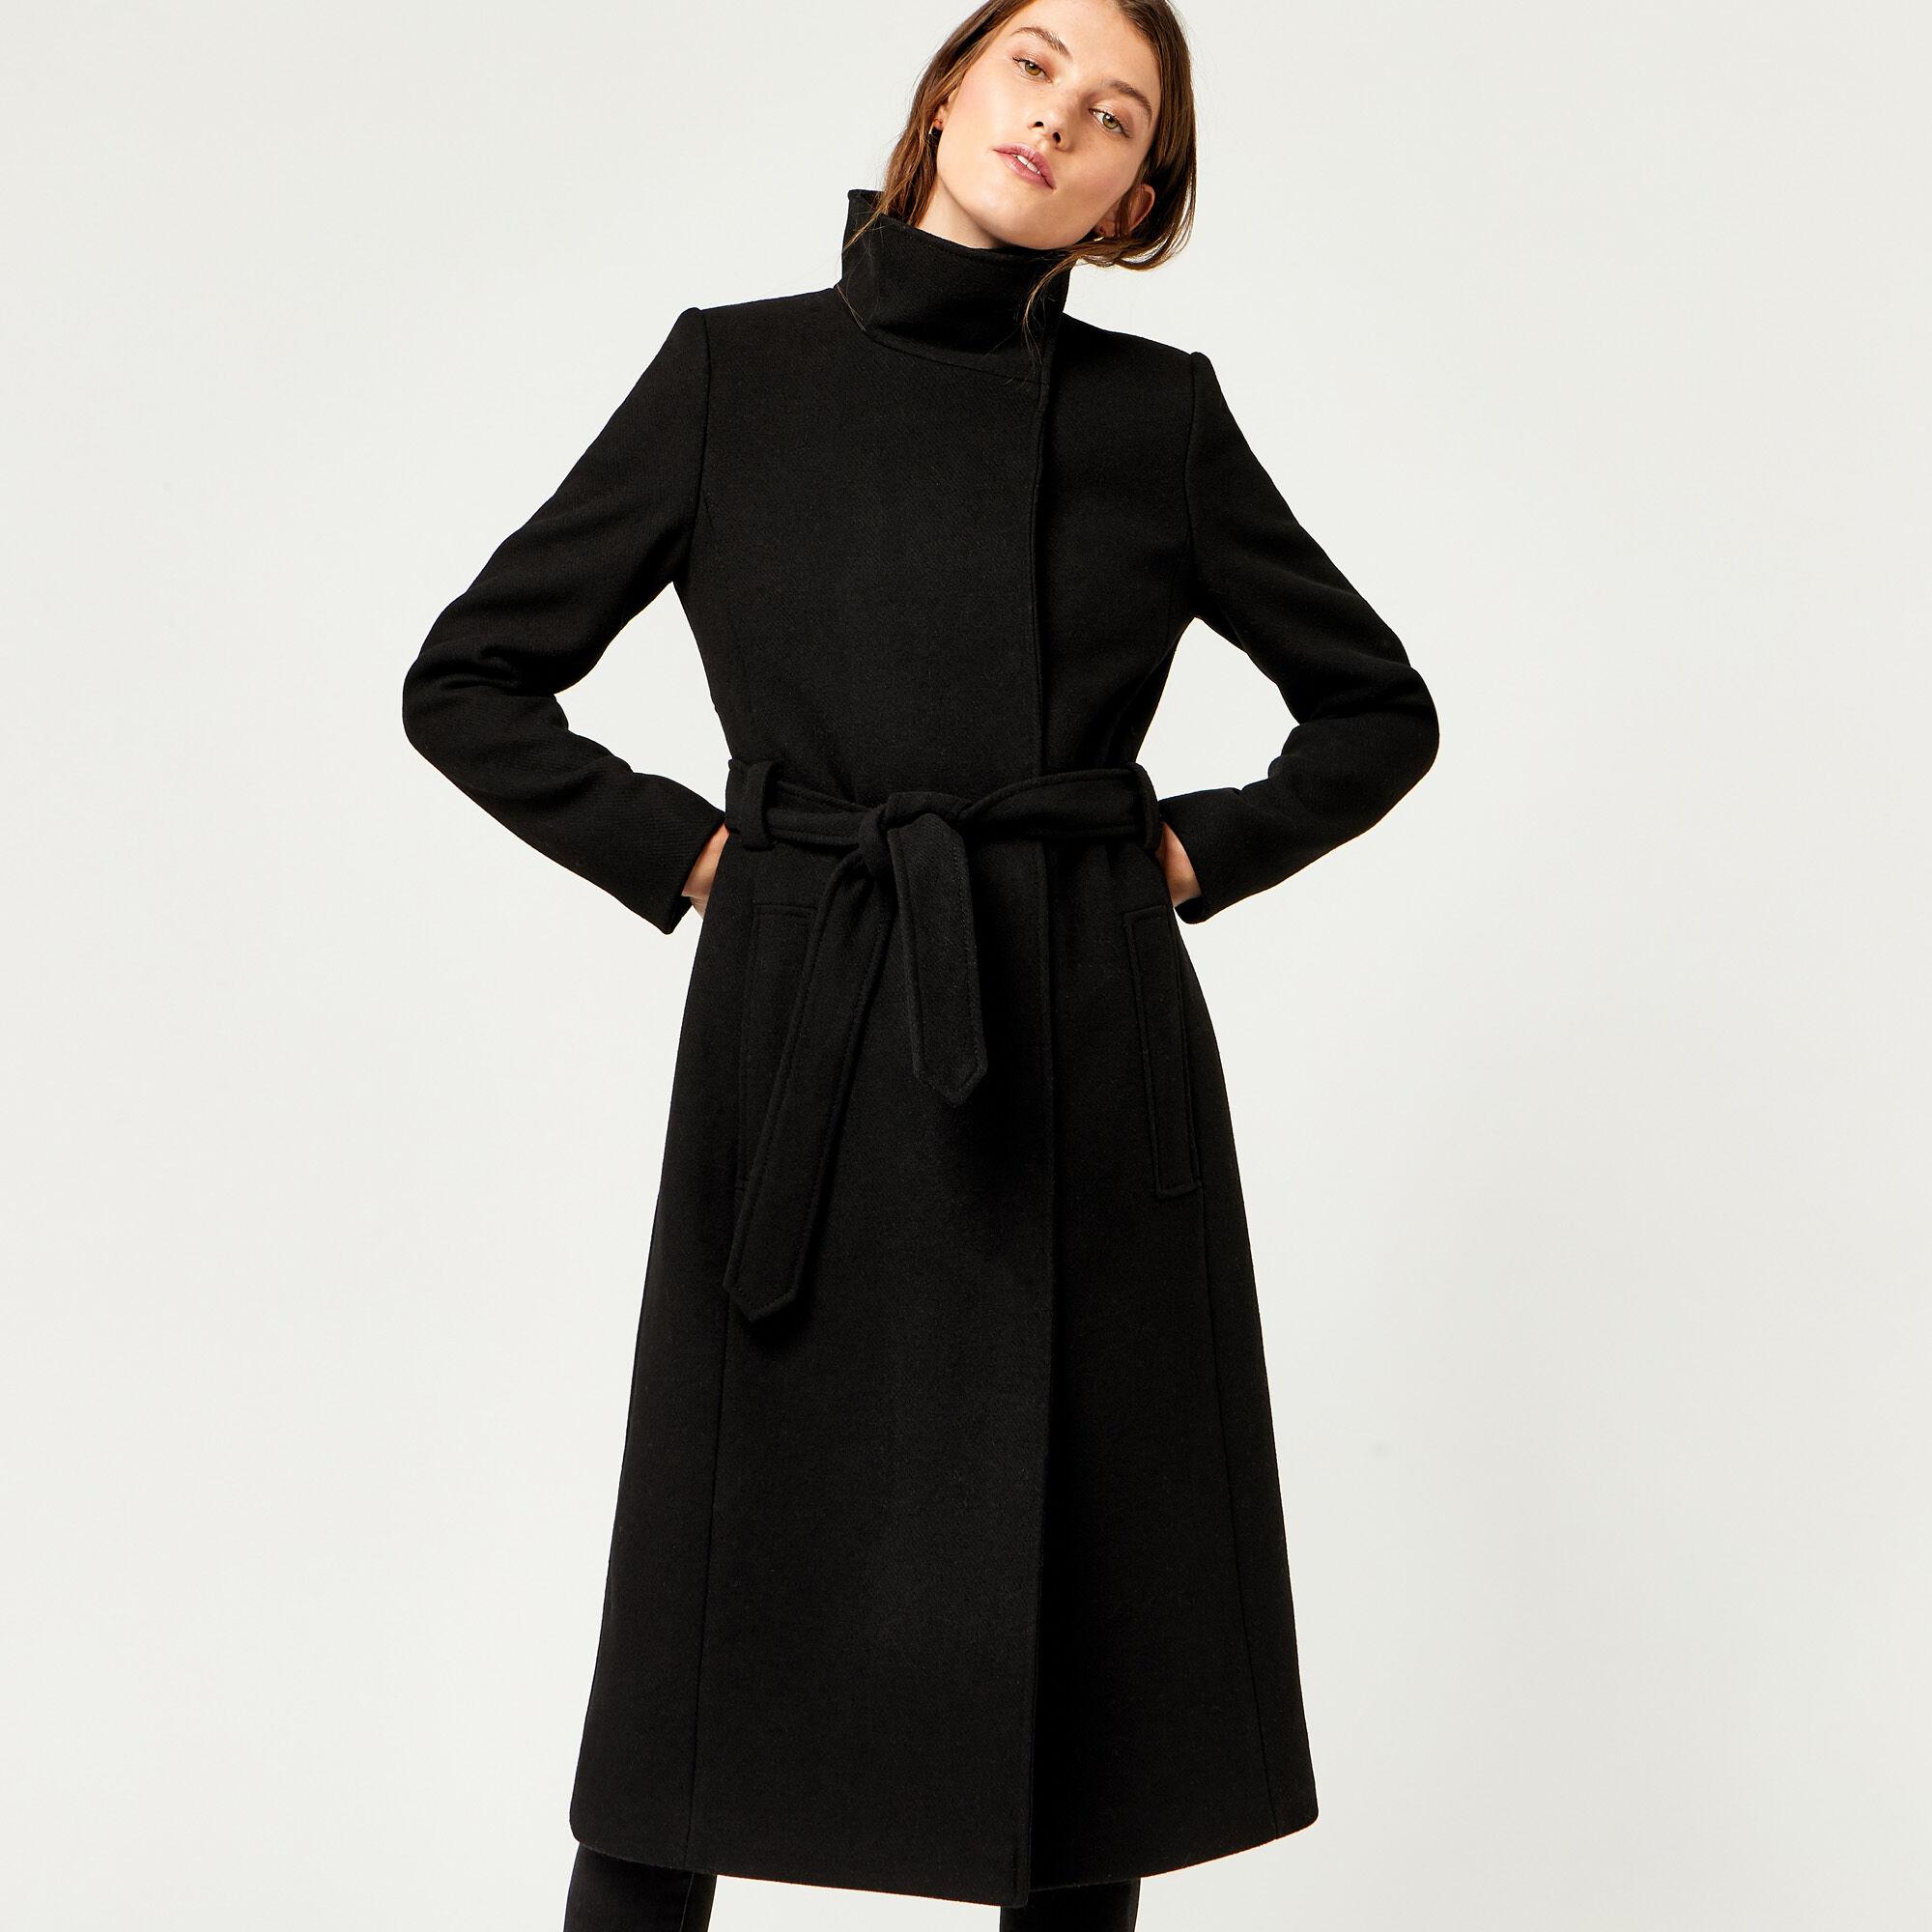 Warehouse, Longline Funnel Coat Black 1